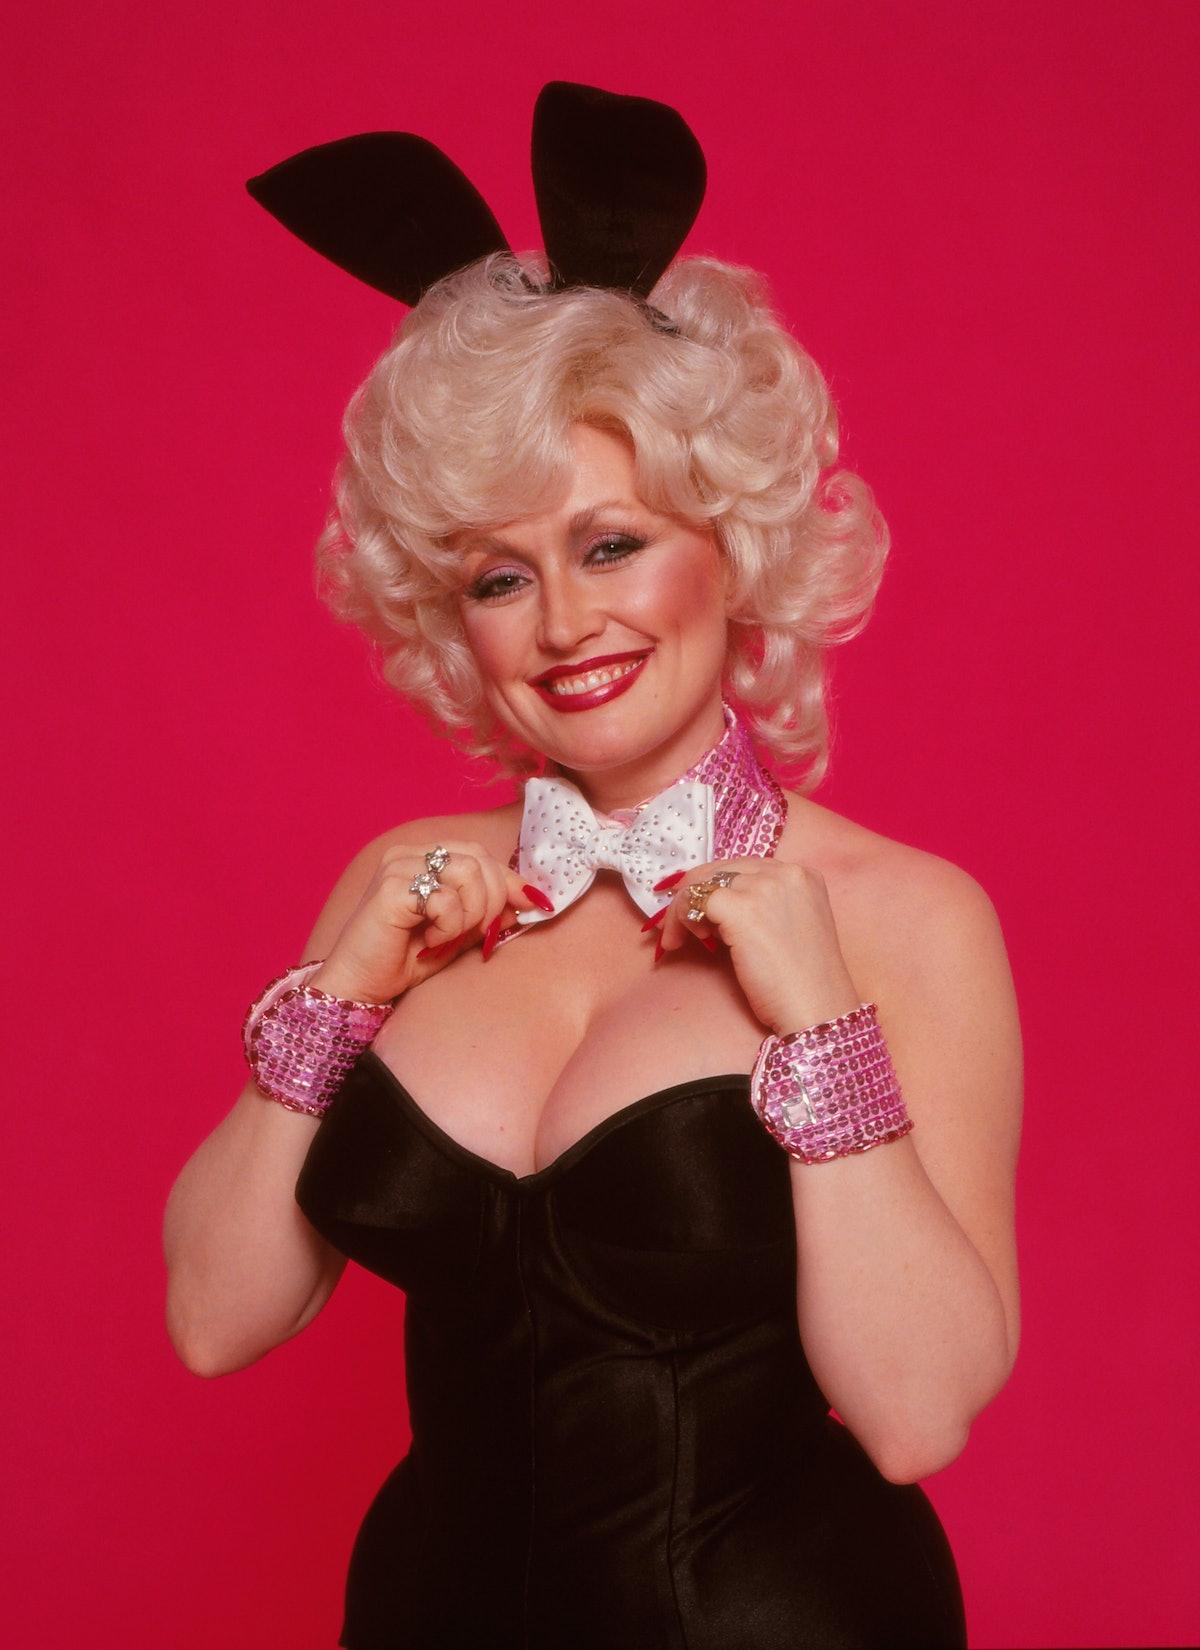 Dolly Parton Portrait Session